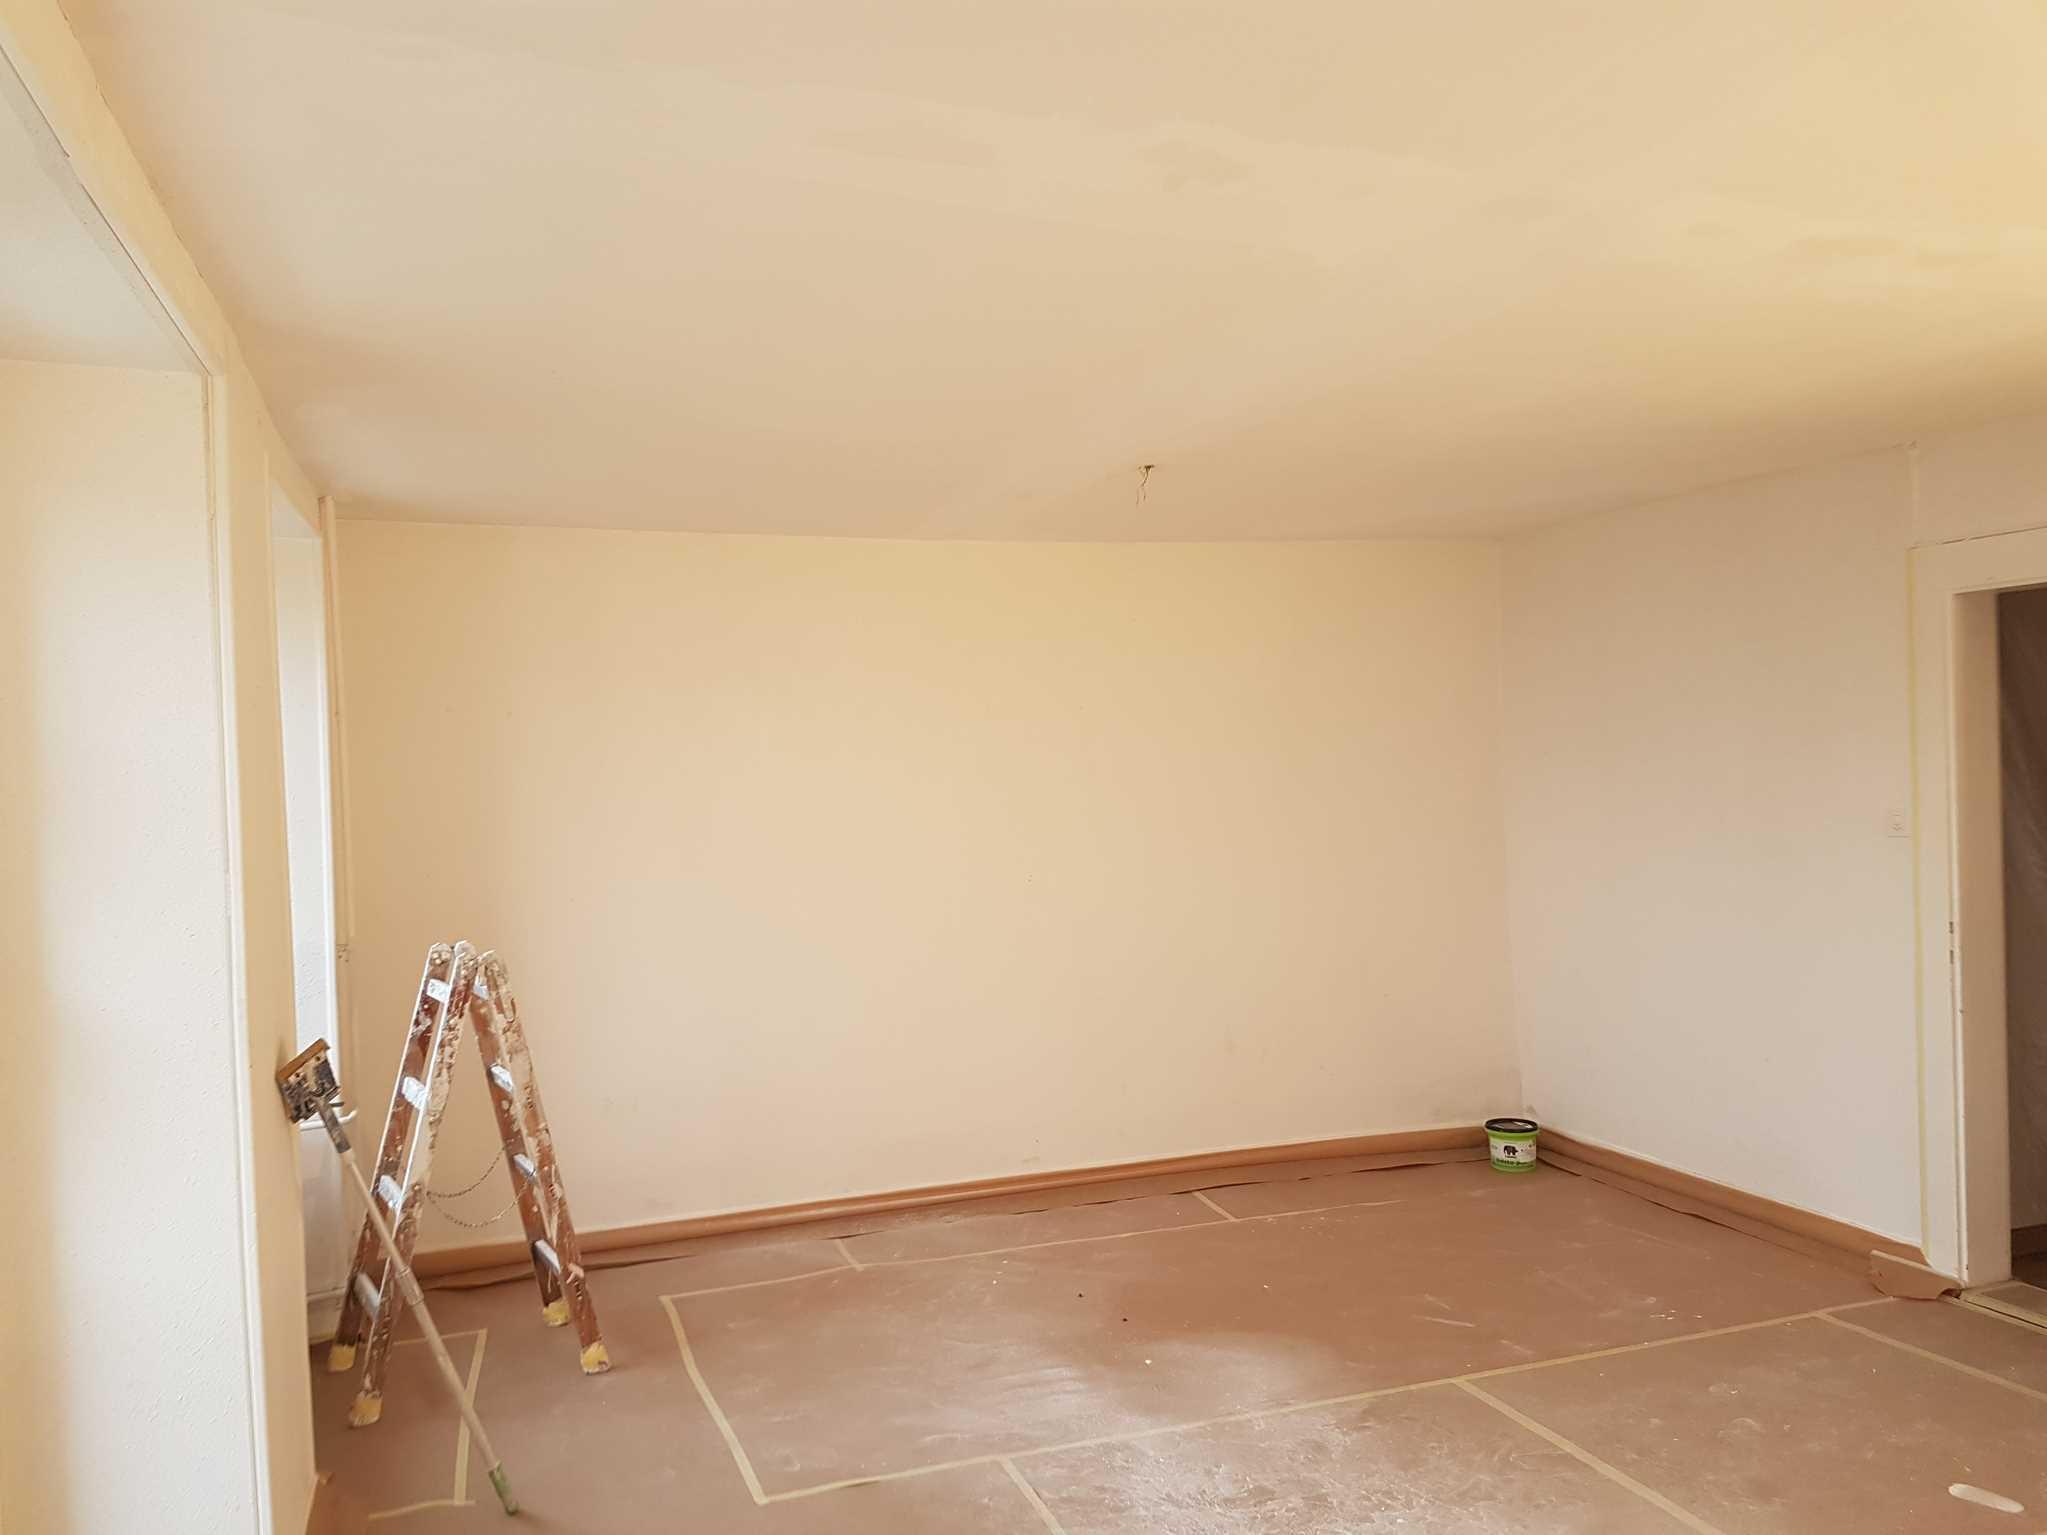 Peinture renovation b timents travaux publics for Peinture de renovation